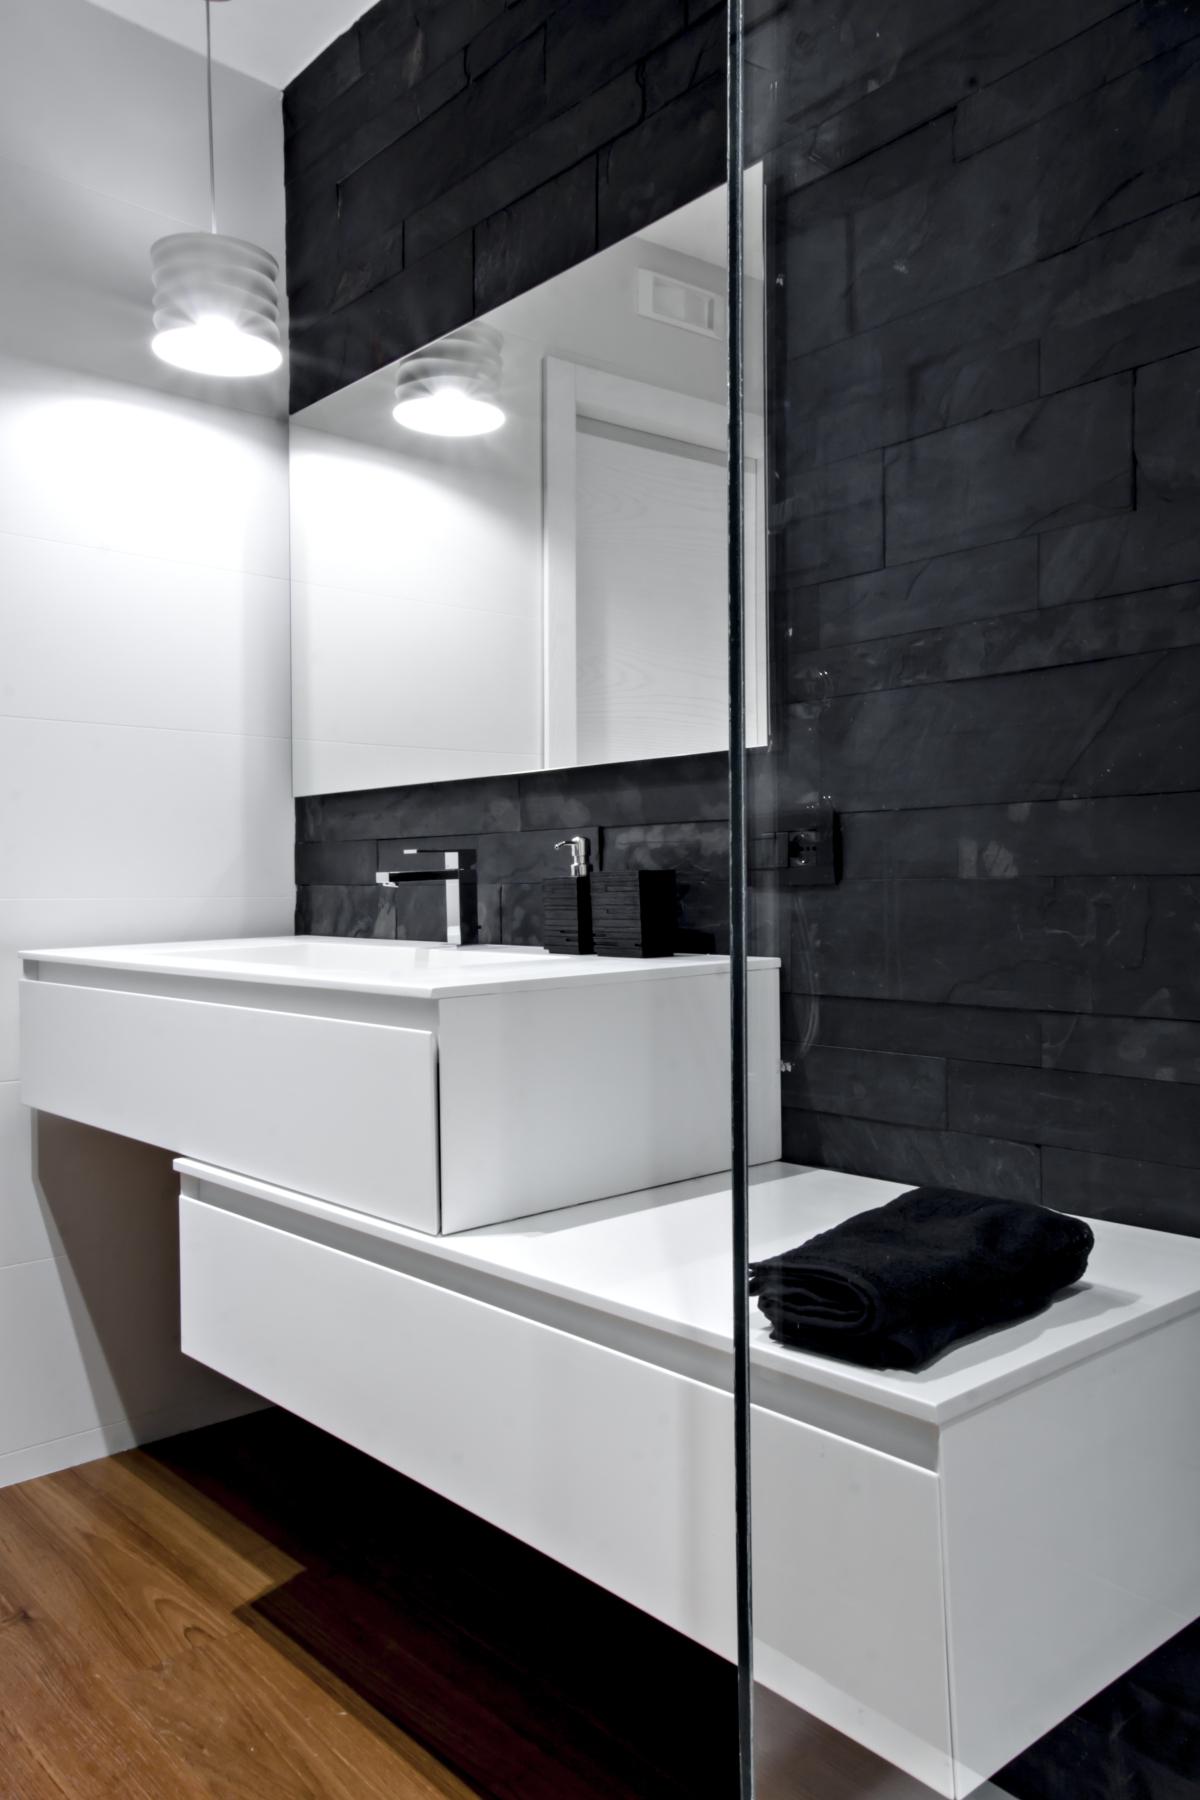 mur de salle de bains recouverte d'ardoise noire et de meubles de l'essence et de la pierre. Parquet Burmese teck.